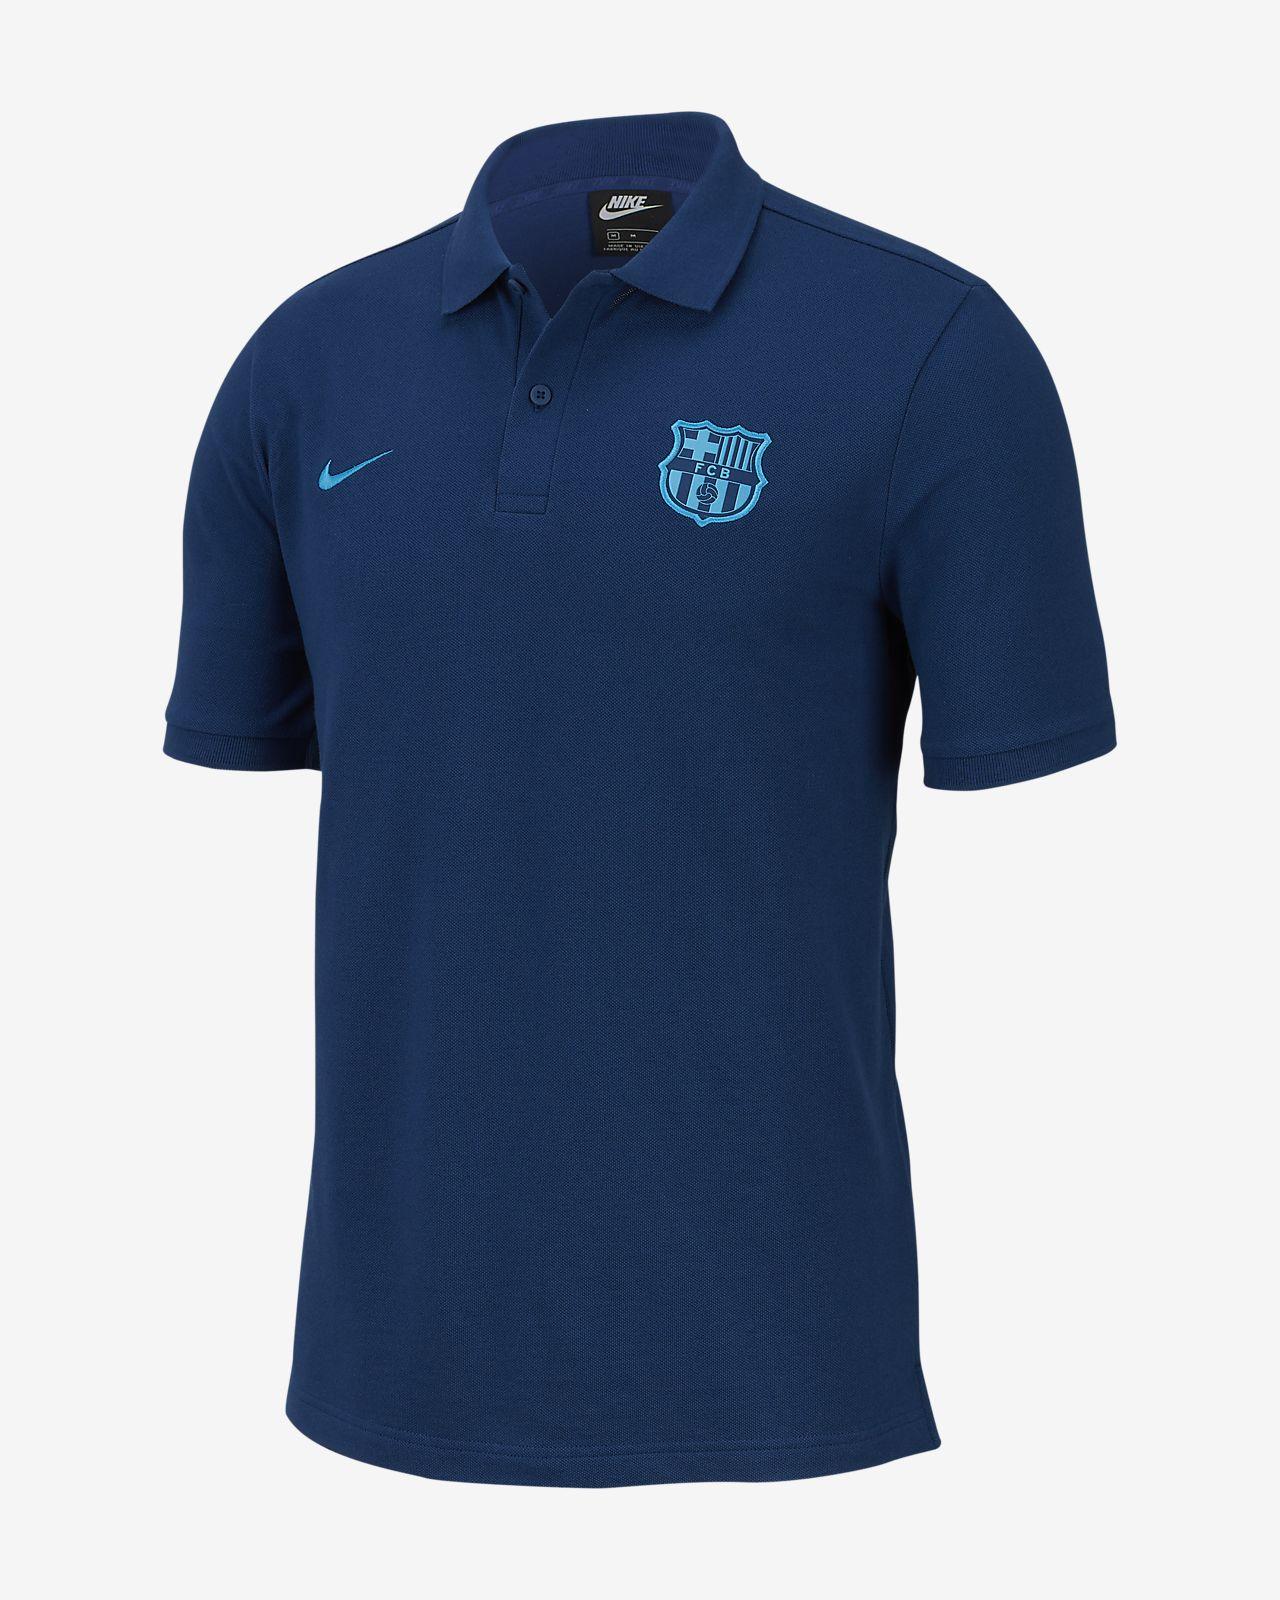 b907365d0212c Polo para hombre FC Barcelona. Nike.com MX